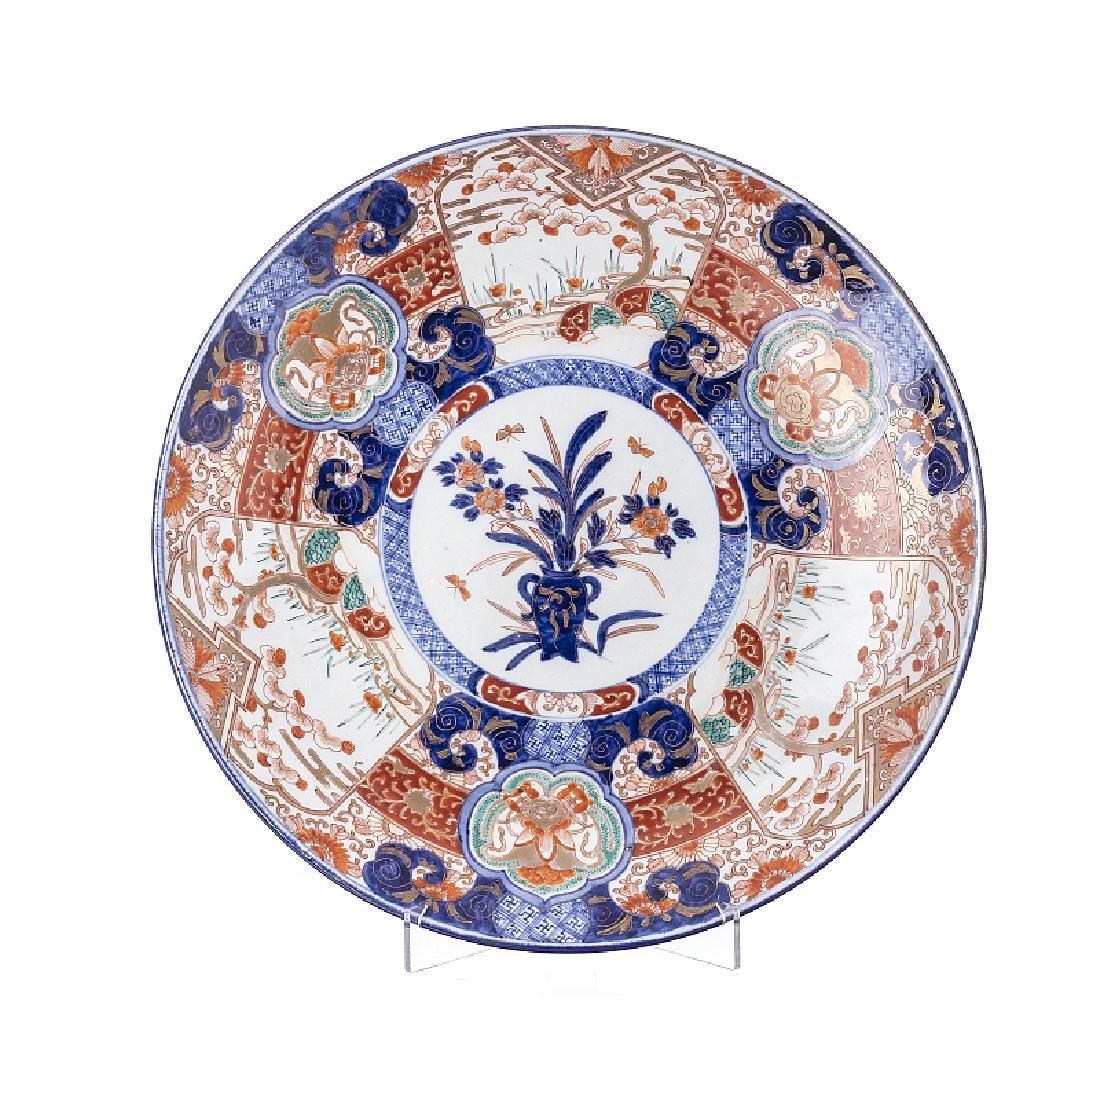 Large plate in Imari porcelain, Japan